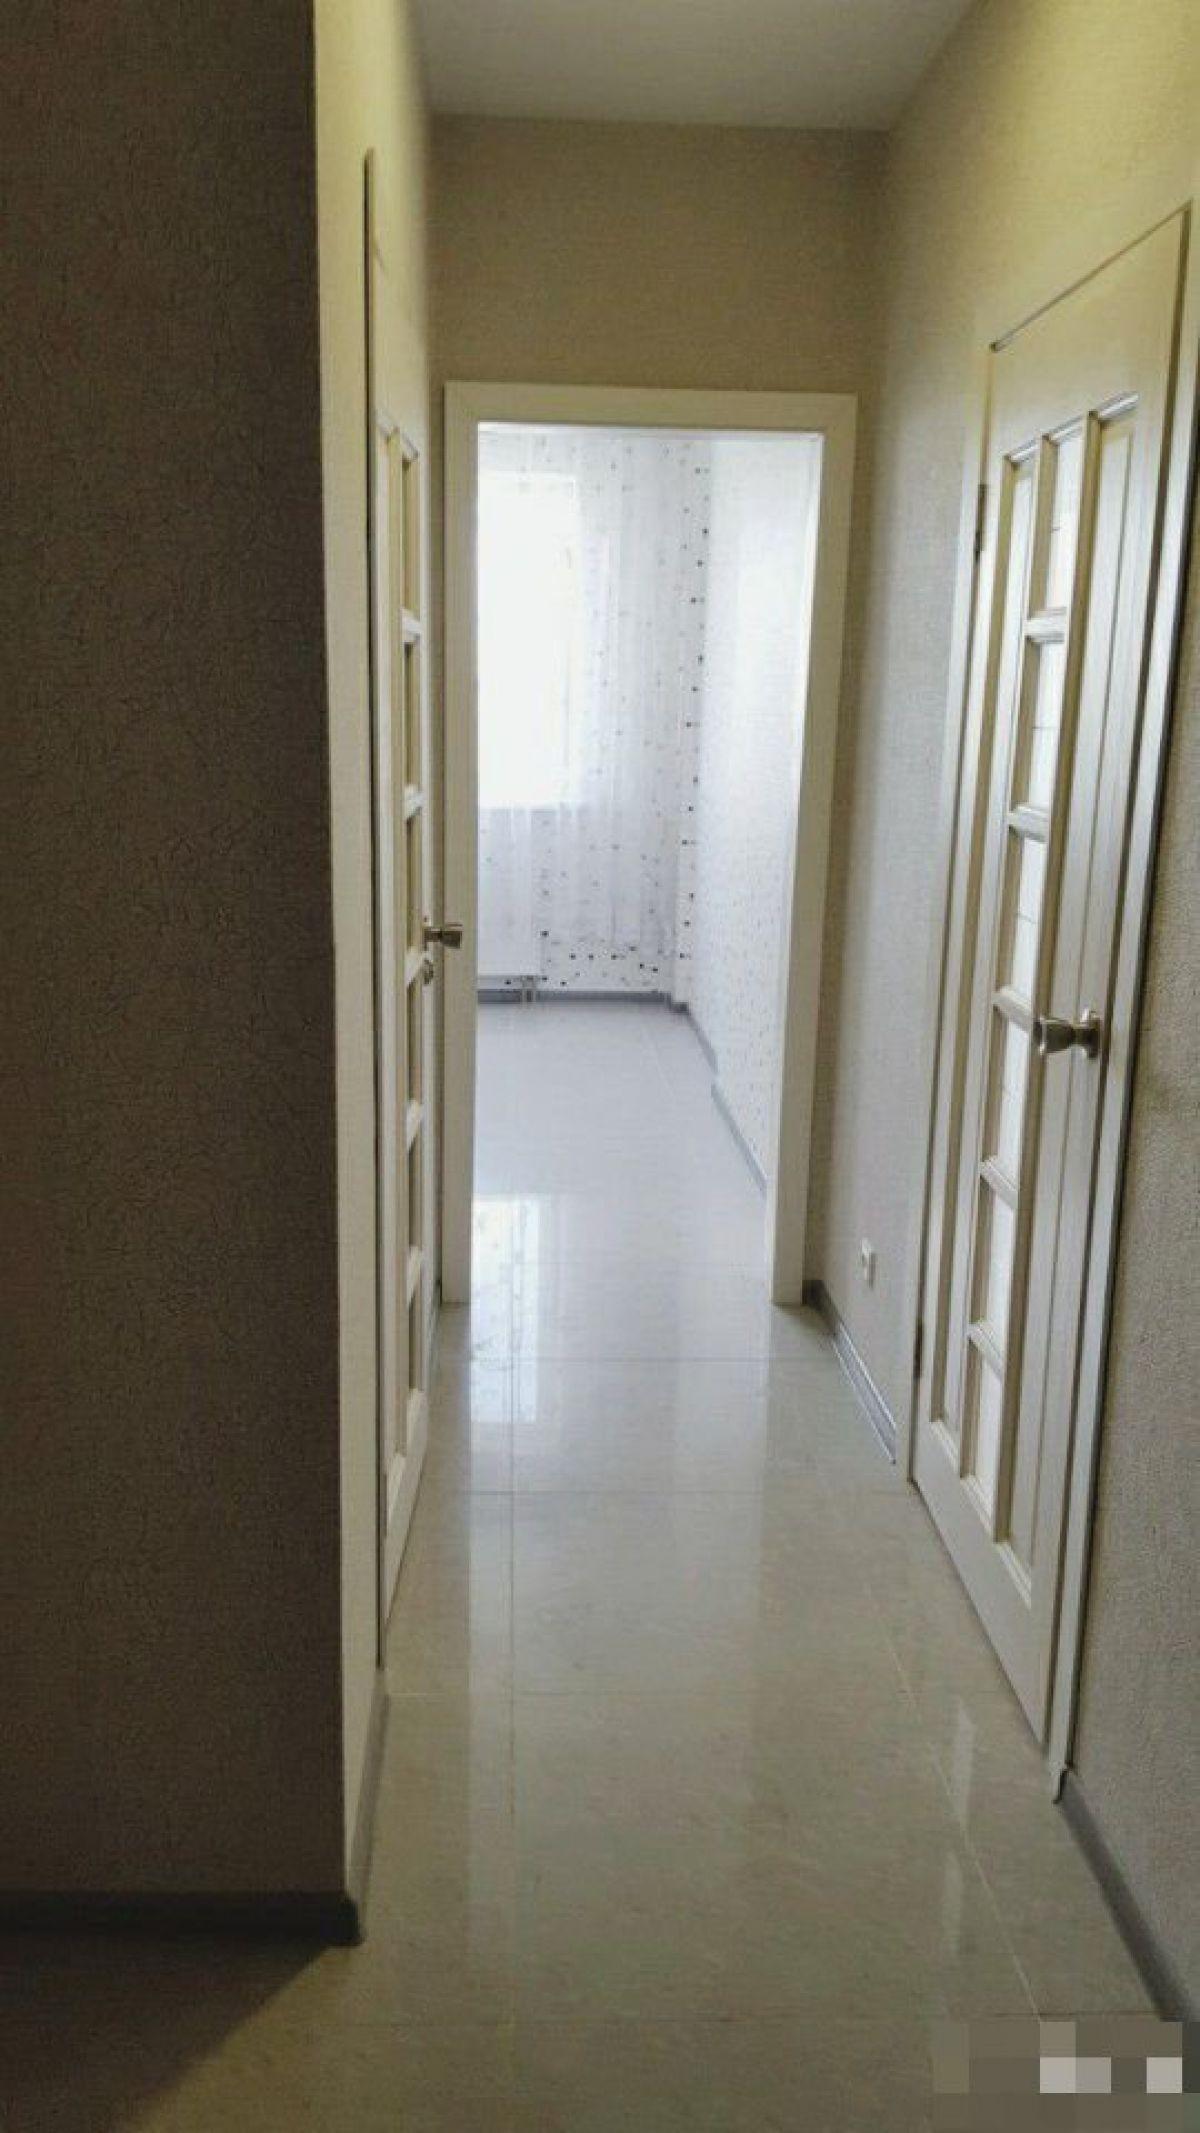 Квартира на продажу по адресу Россия, Калининградская область, Калининград, Летняя ул, 70